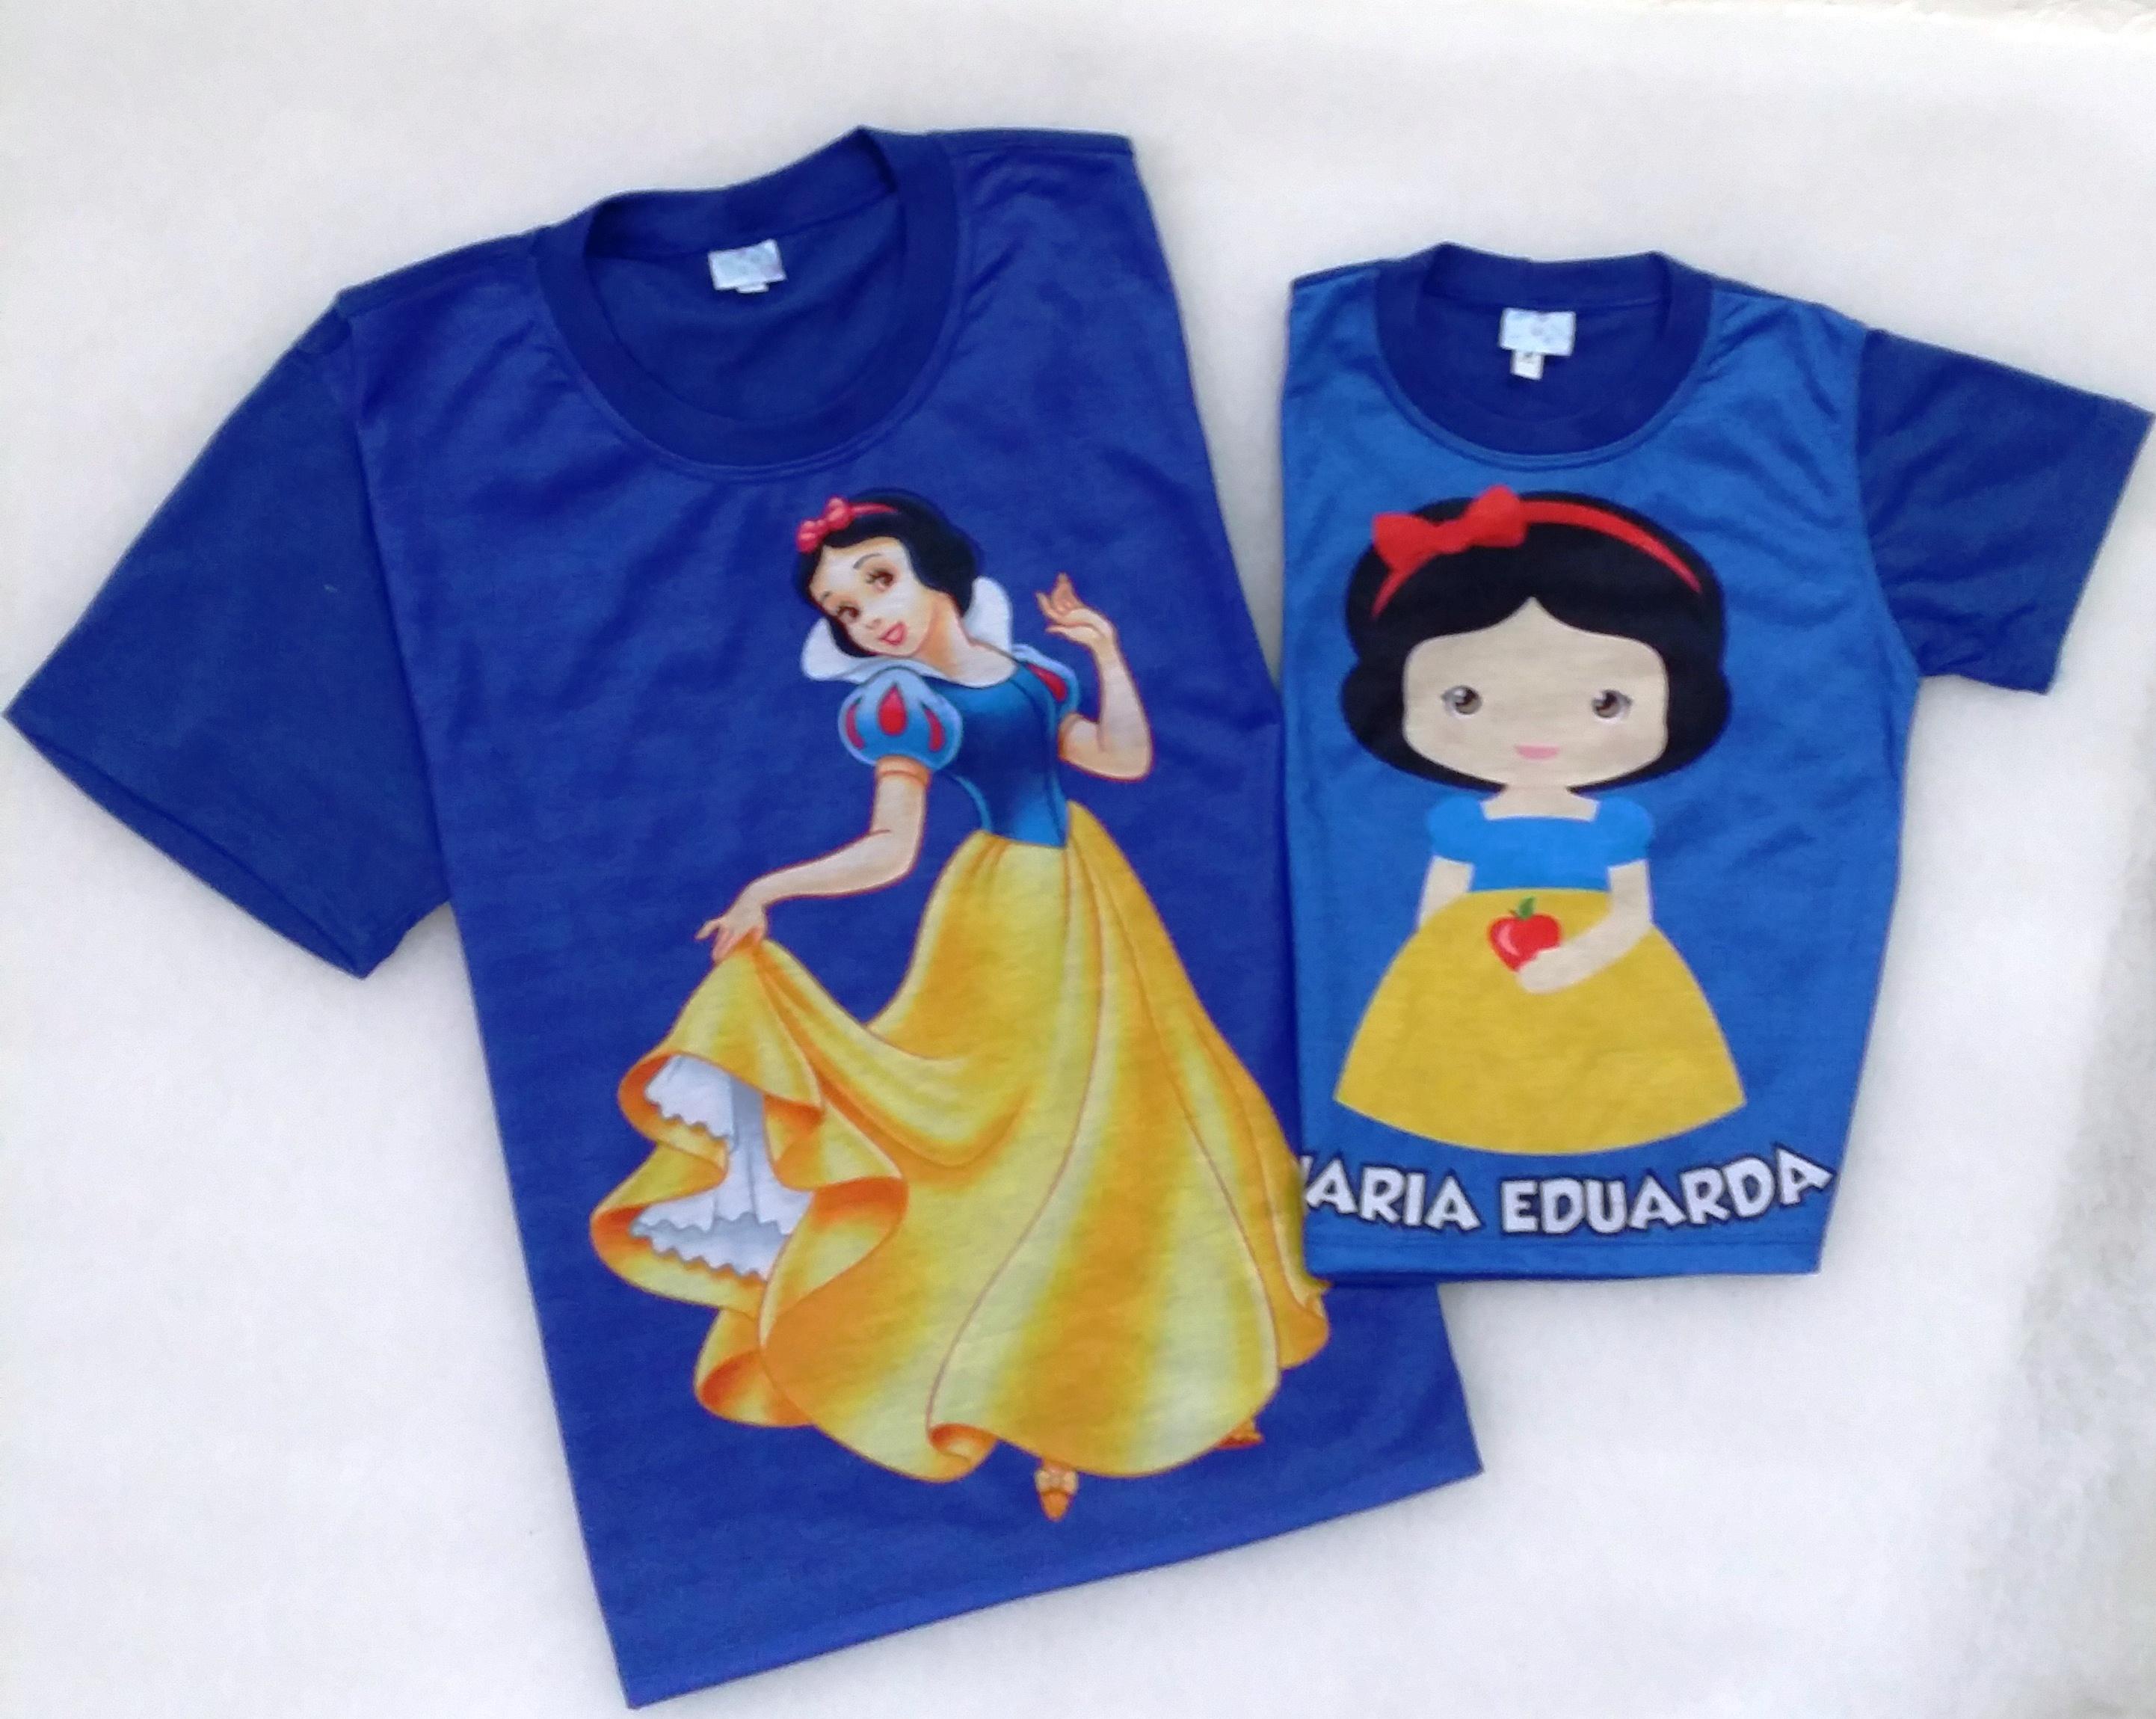 b8404c1c81 Camiseta Kit com Mãe e Filha de Natal